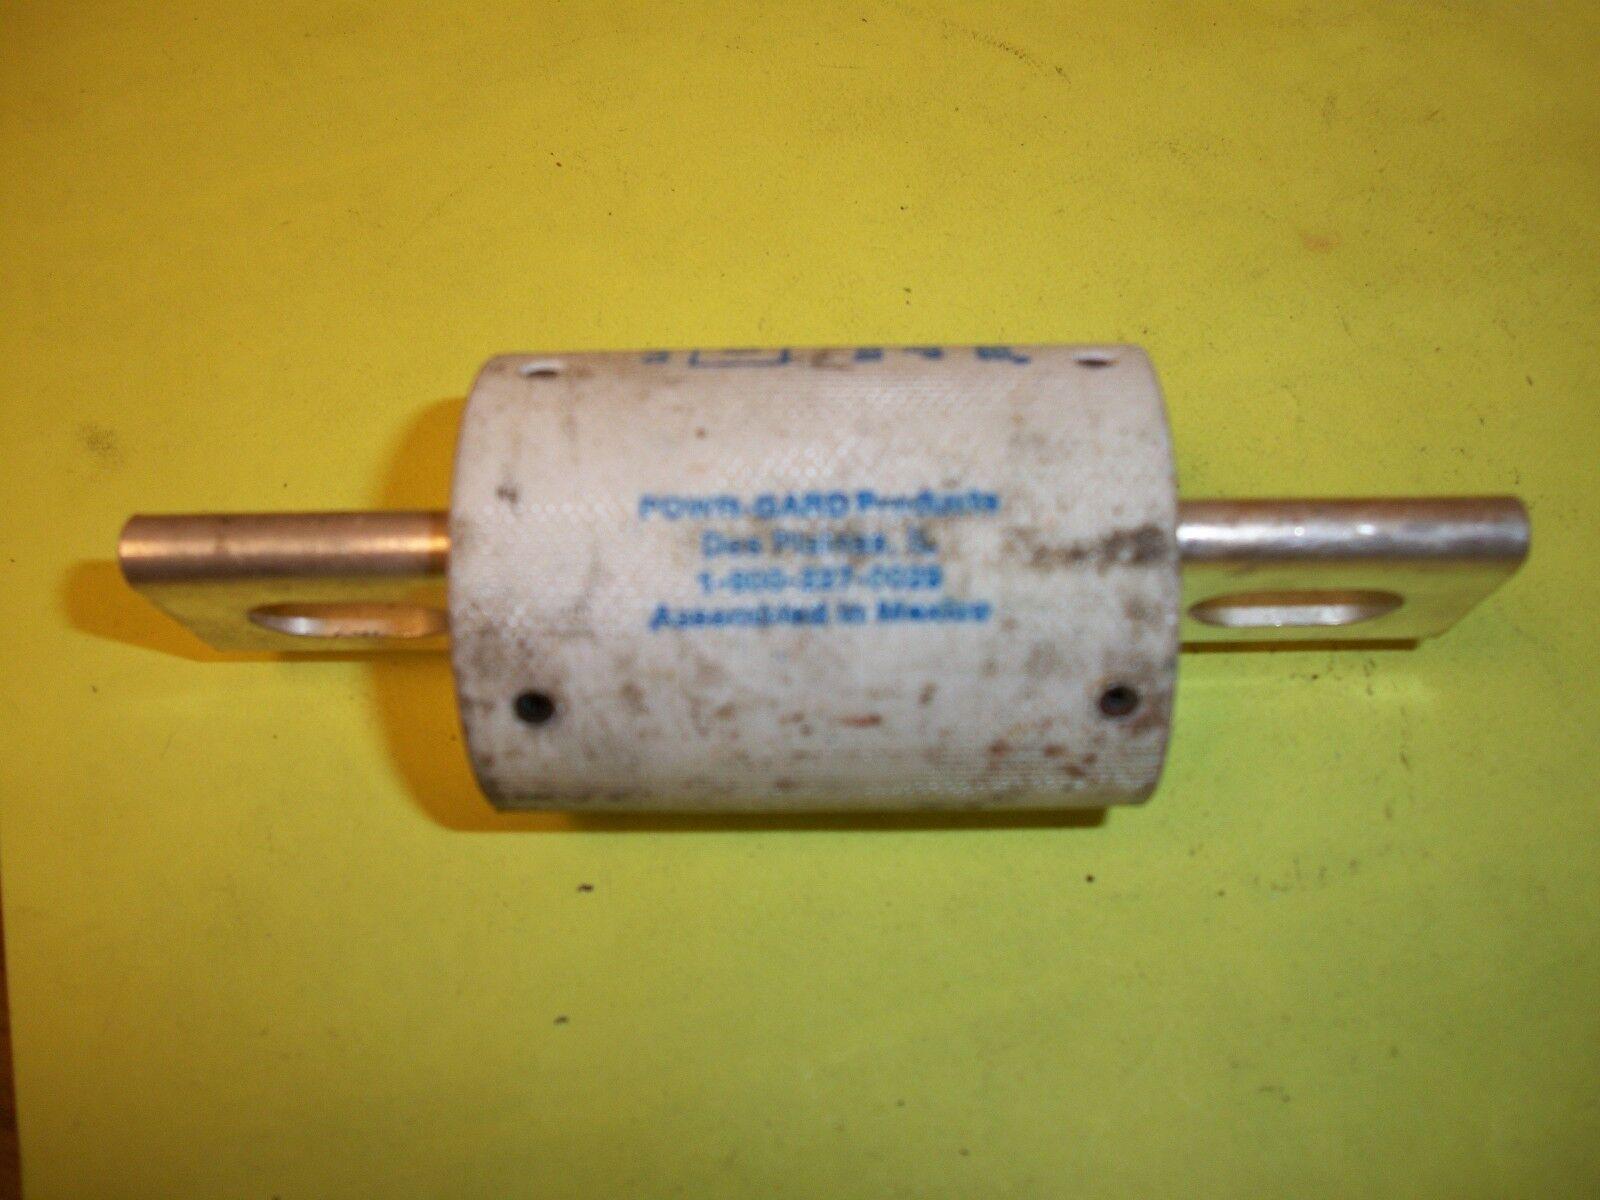 Schwimmerschalter®  SA131i76 für Schmutzwasser,unten EIN,Hysterese 70,425mm lang